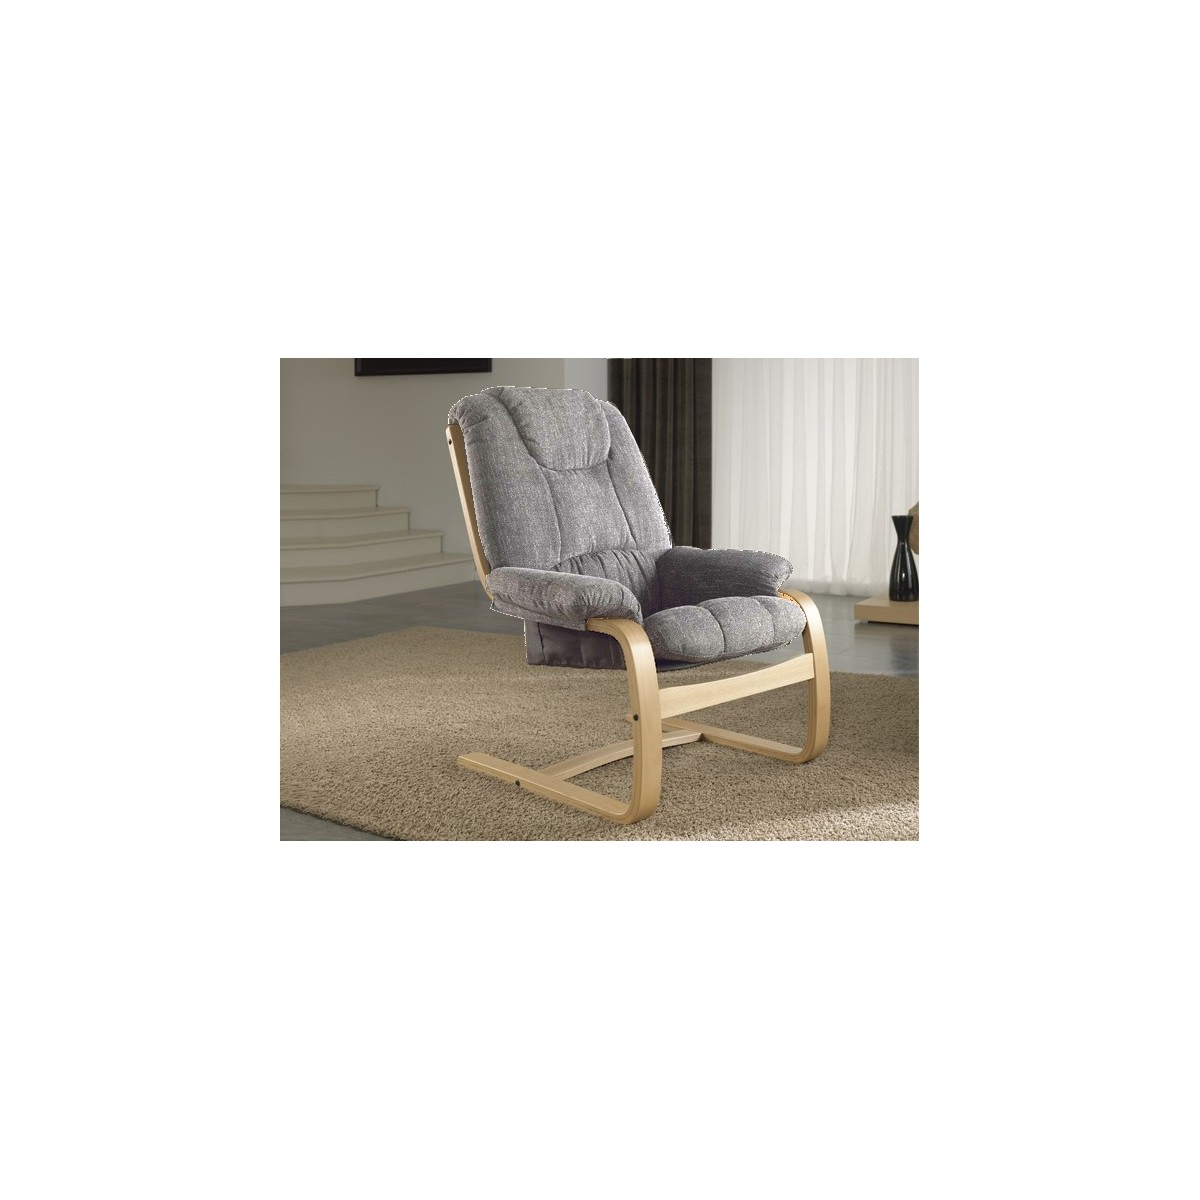 YOLI armchair